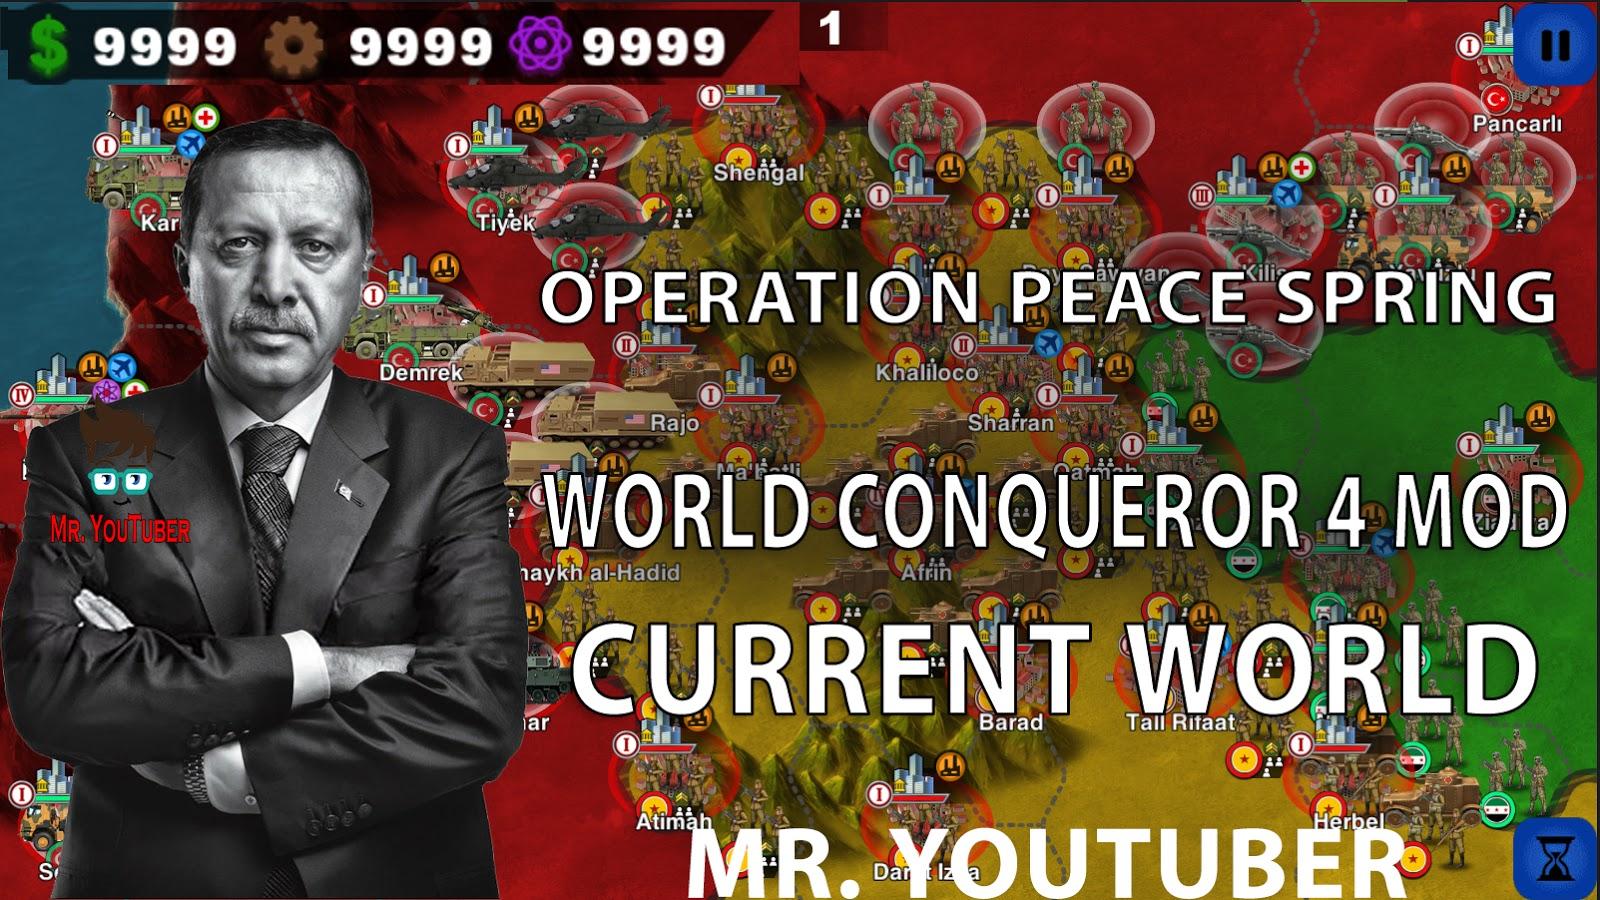 تحميل لعبة world conqueror 4 مود العالم الحالي ج2